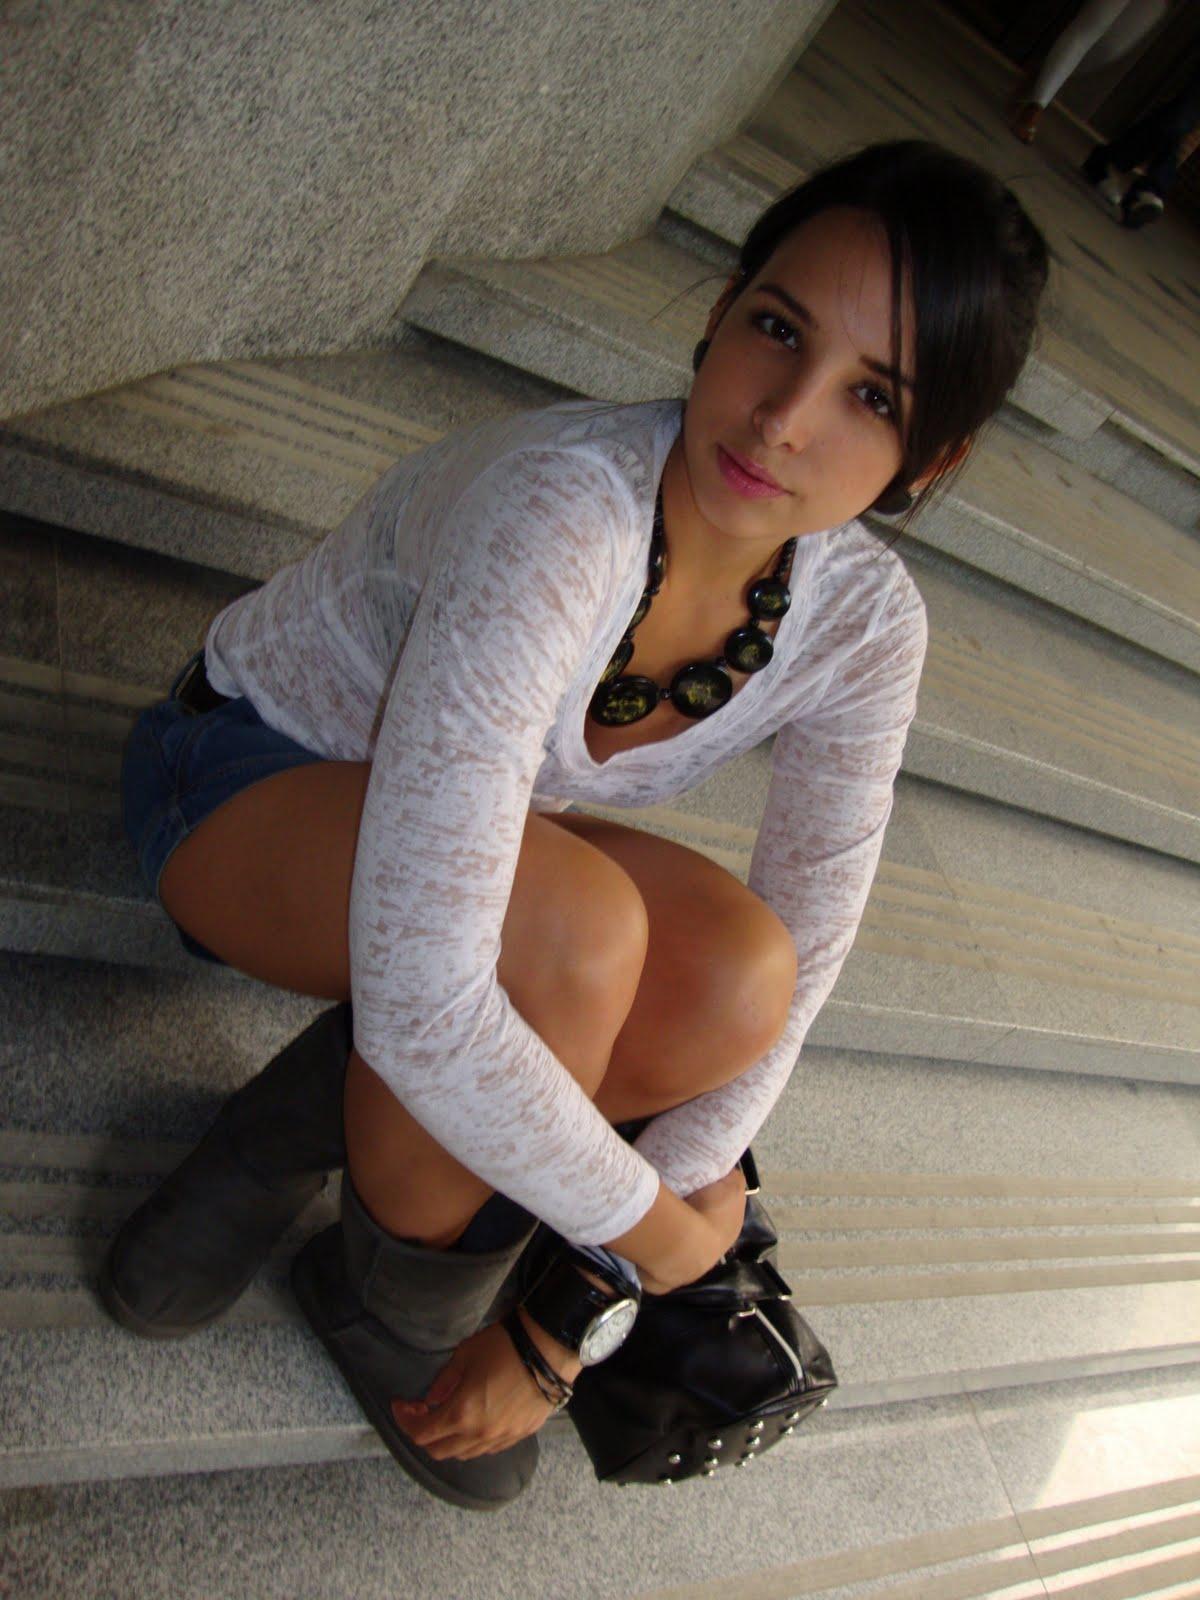 Fotos de Gente Fea , Fotos Feos , Caras Feas